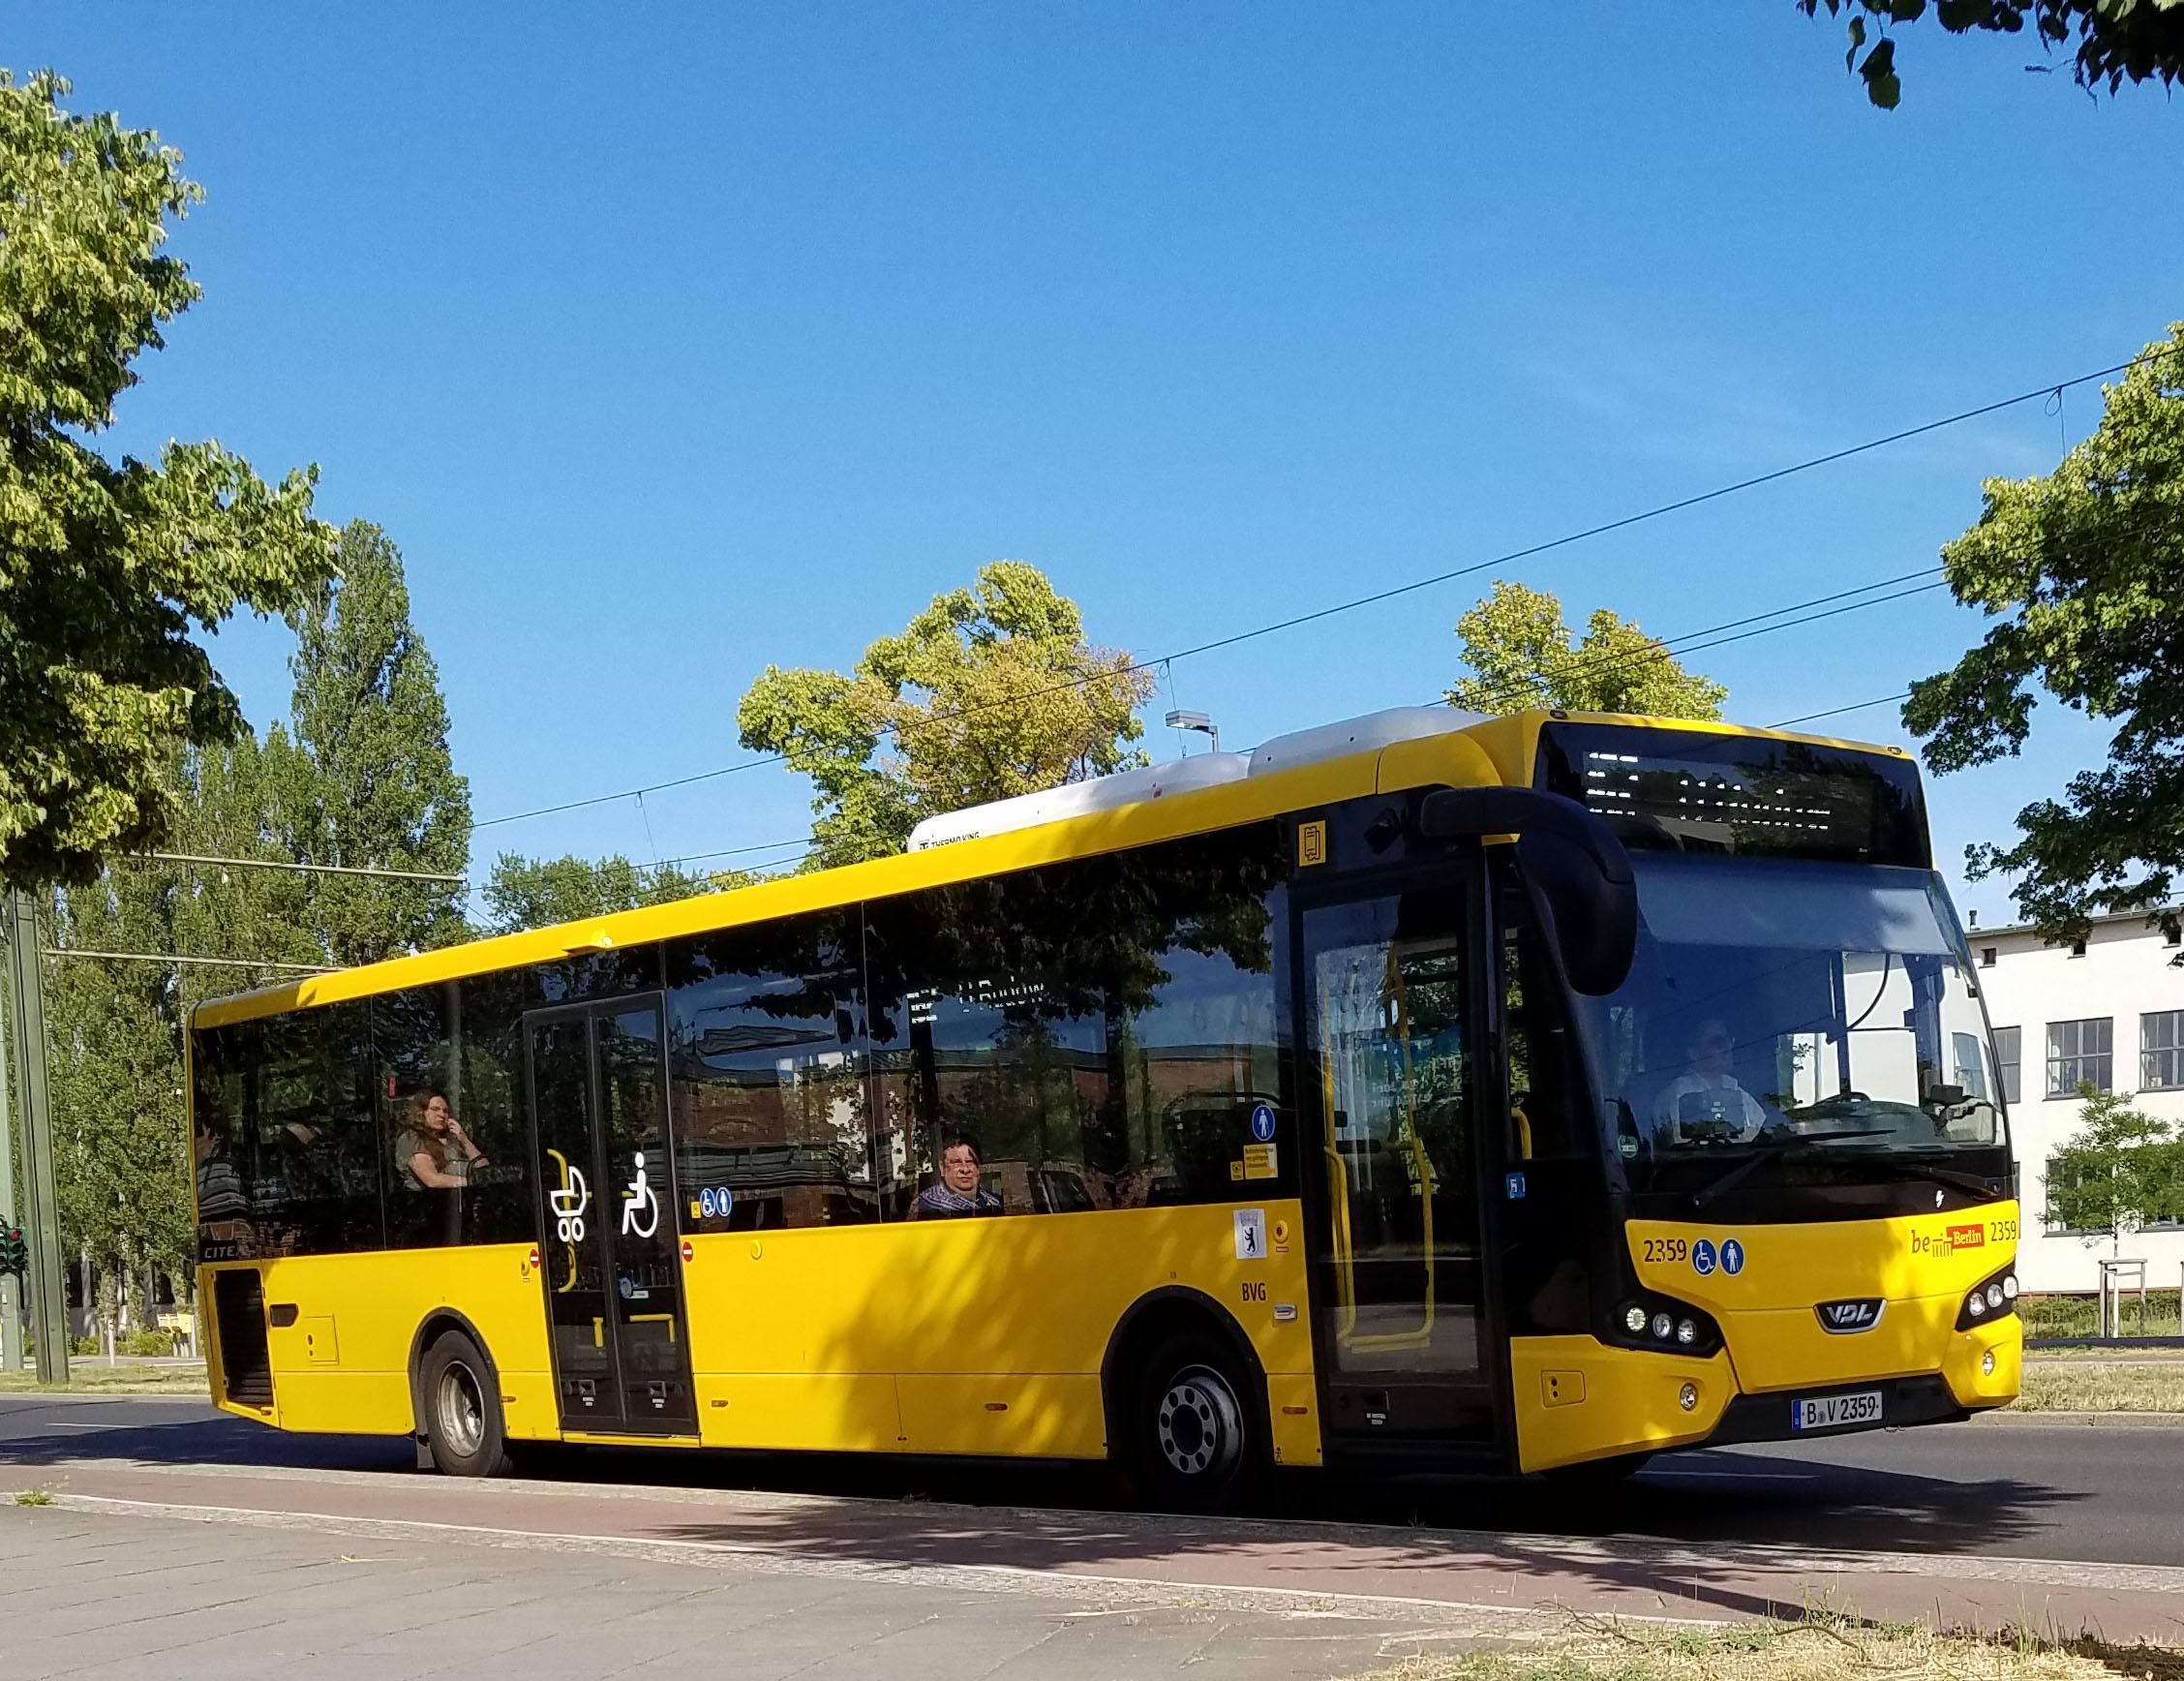 Foto: Bus 2359, Typ VDL Citea LLE 120, Adlershof, 2017